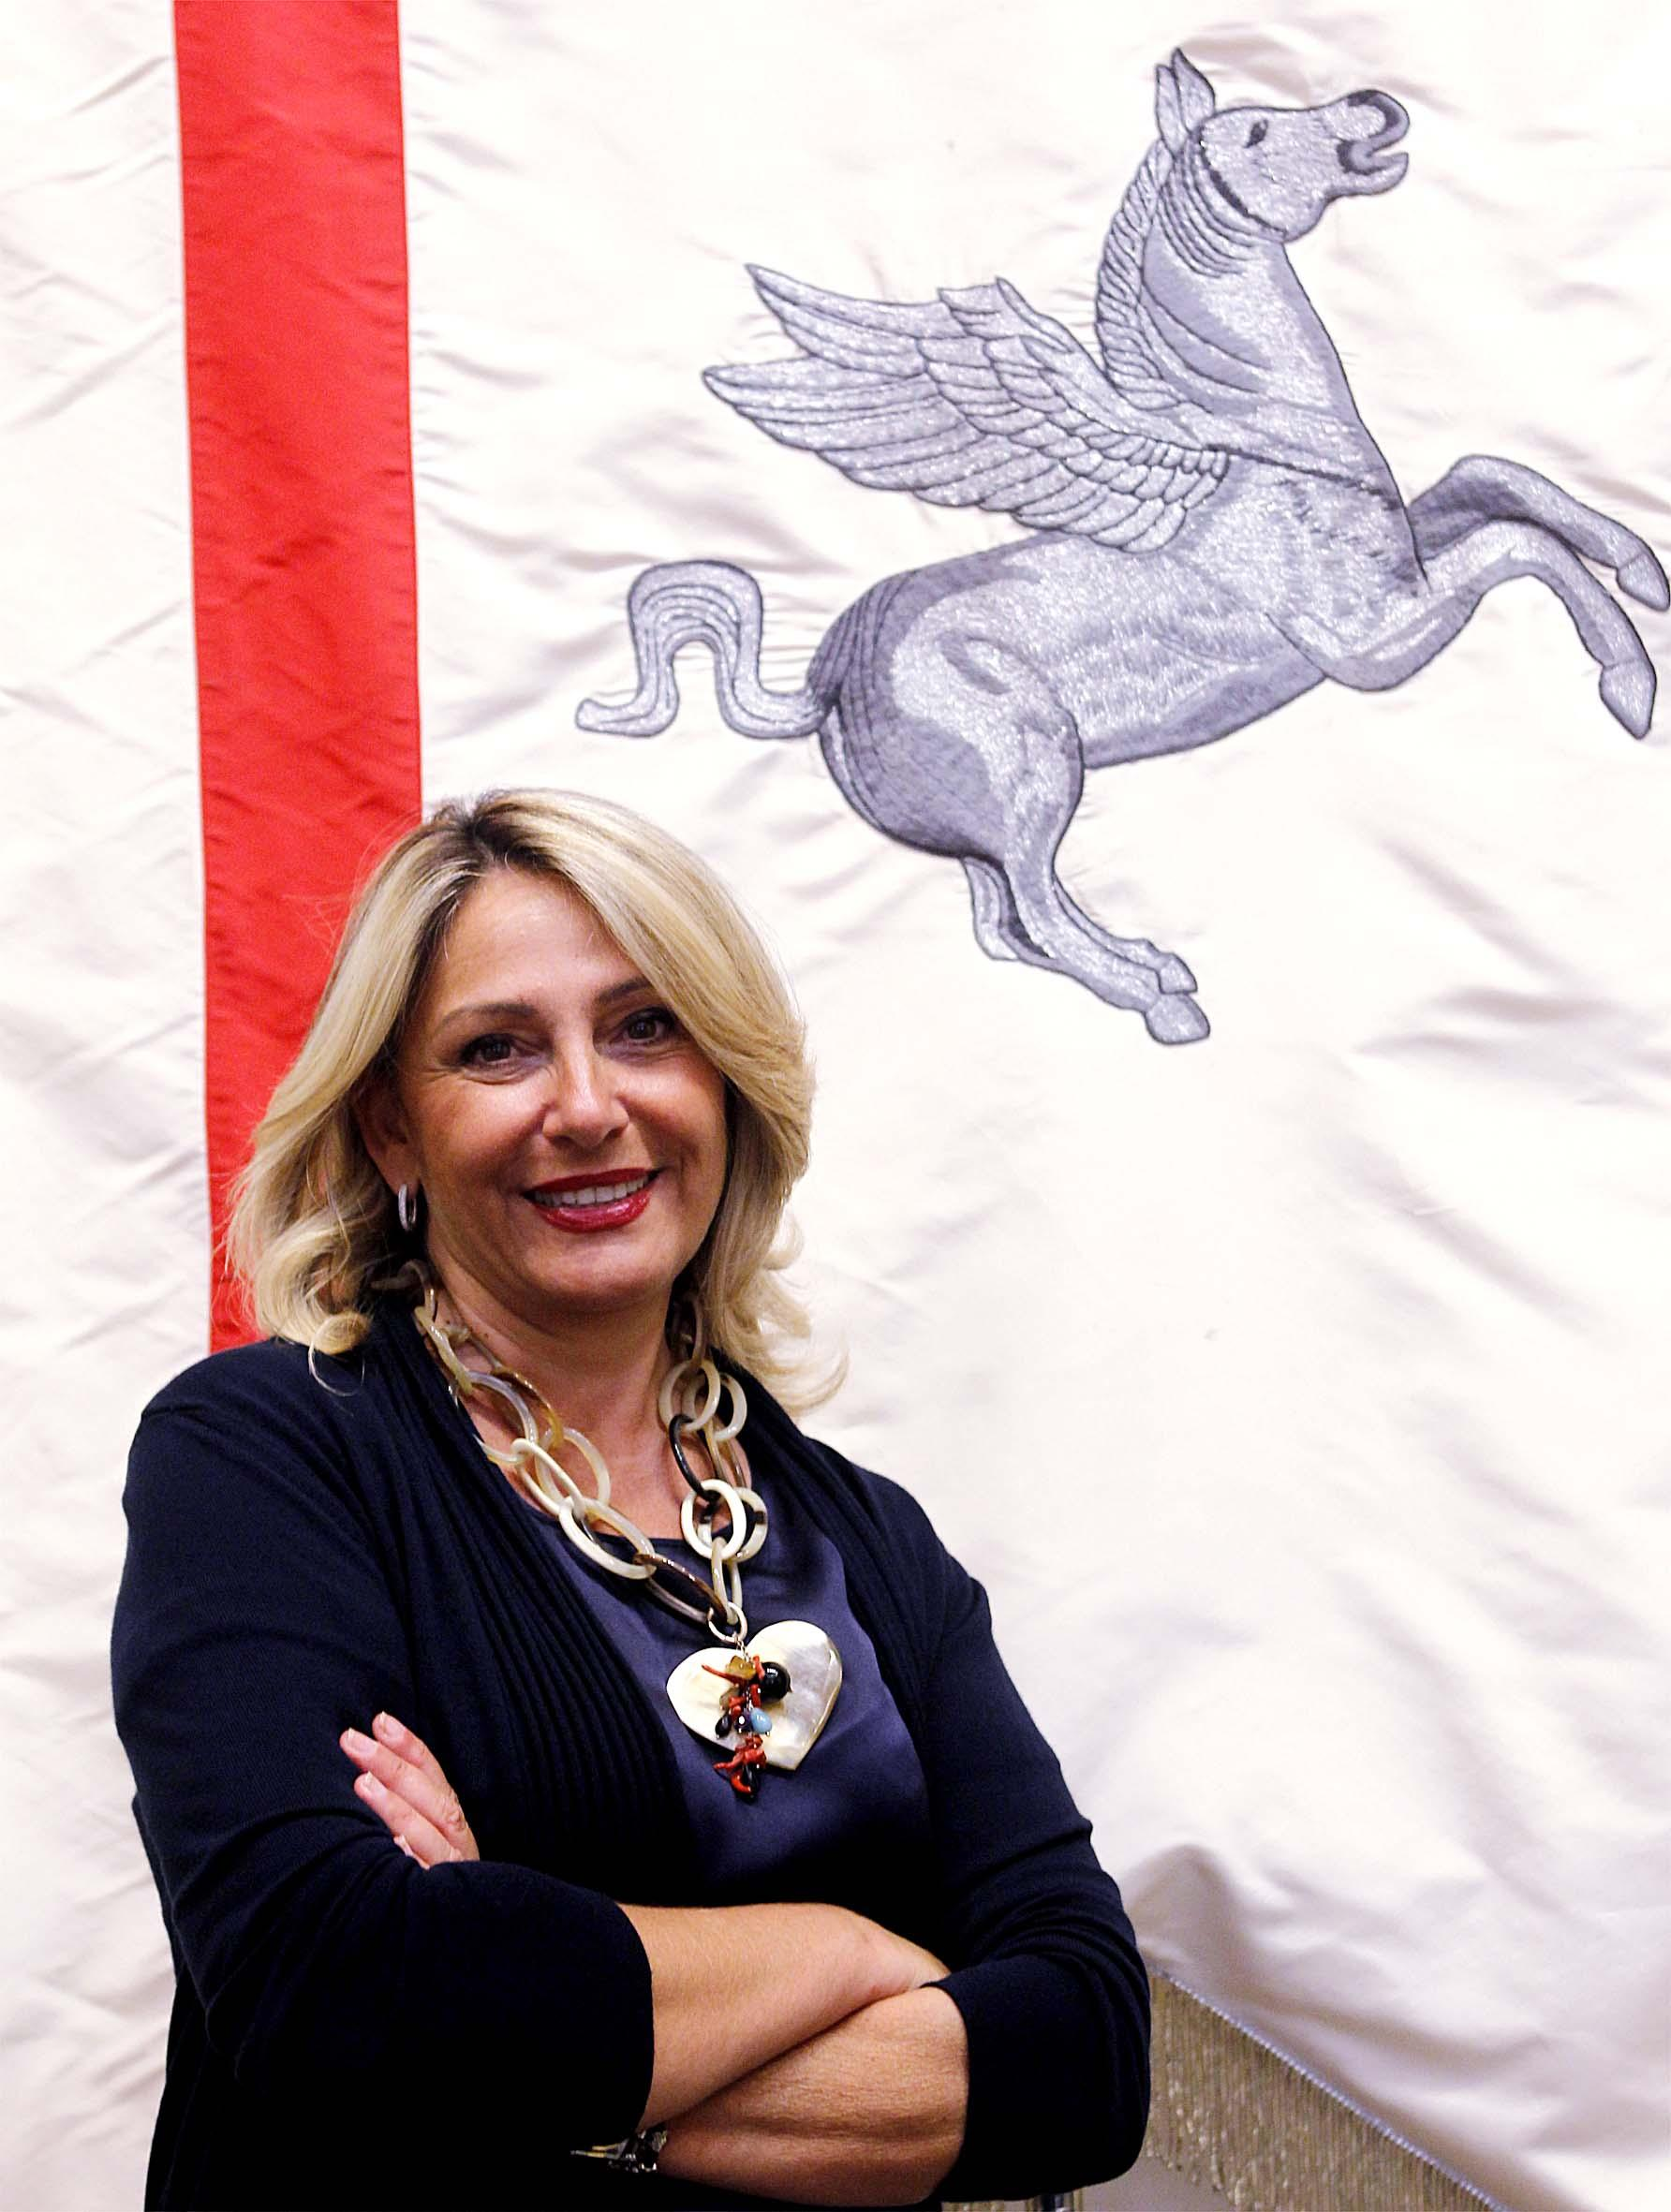 Cristina Grieco - Assessore all'istruzione e formazione Pisa